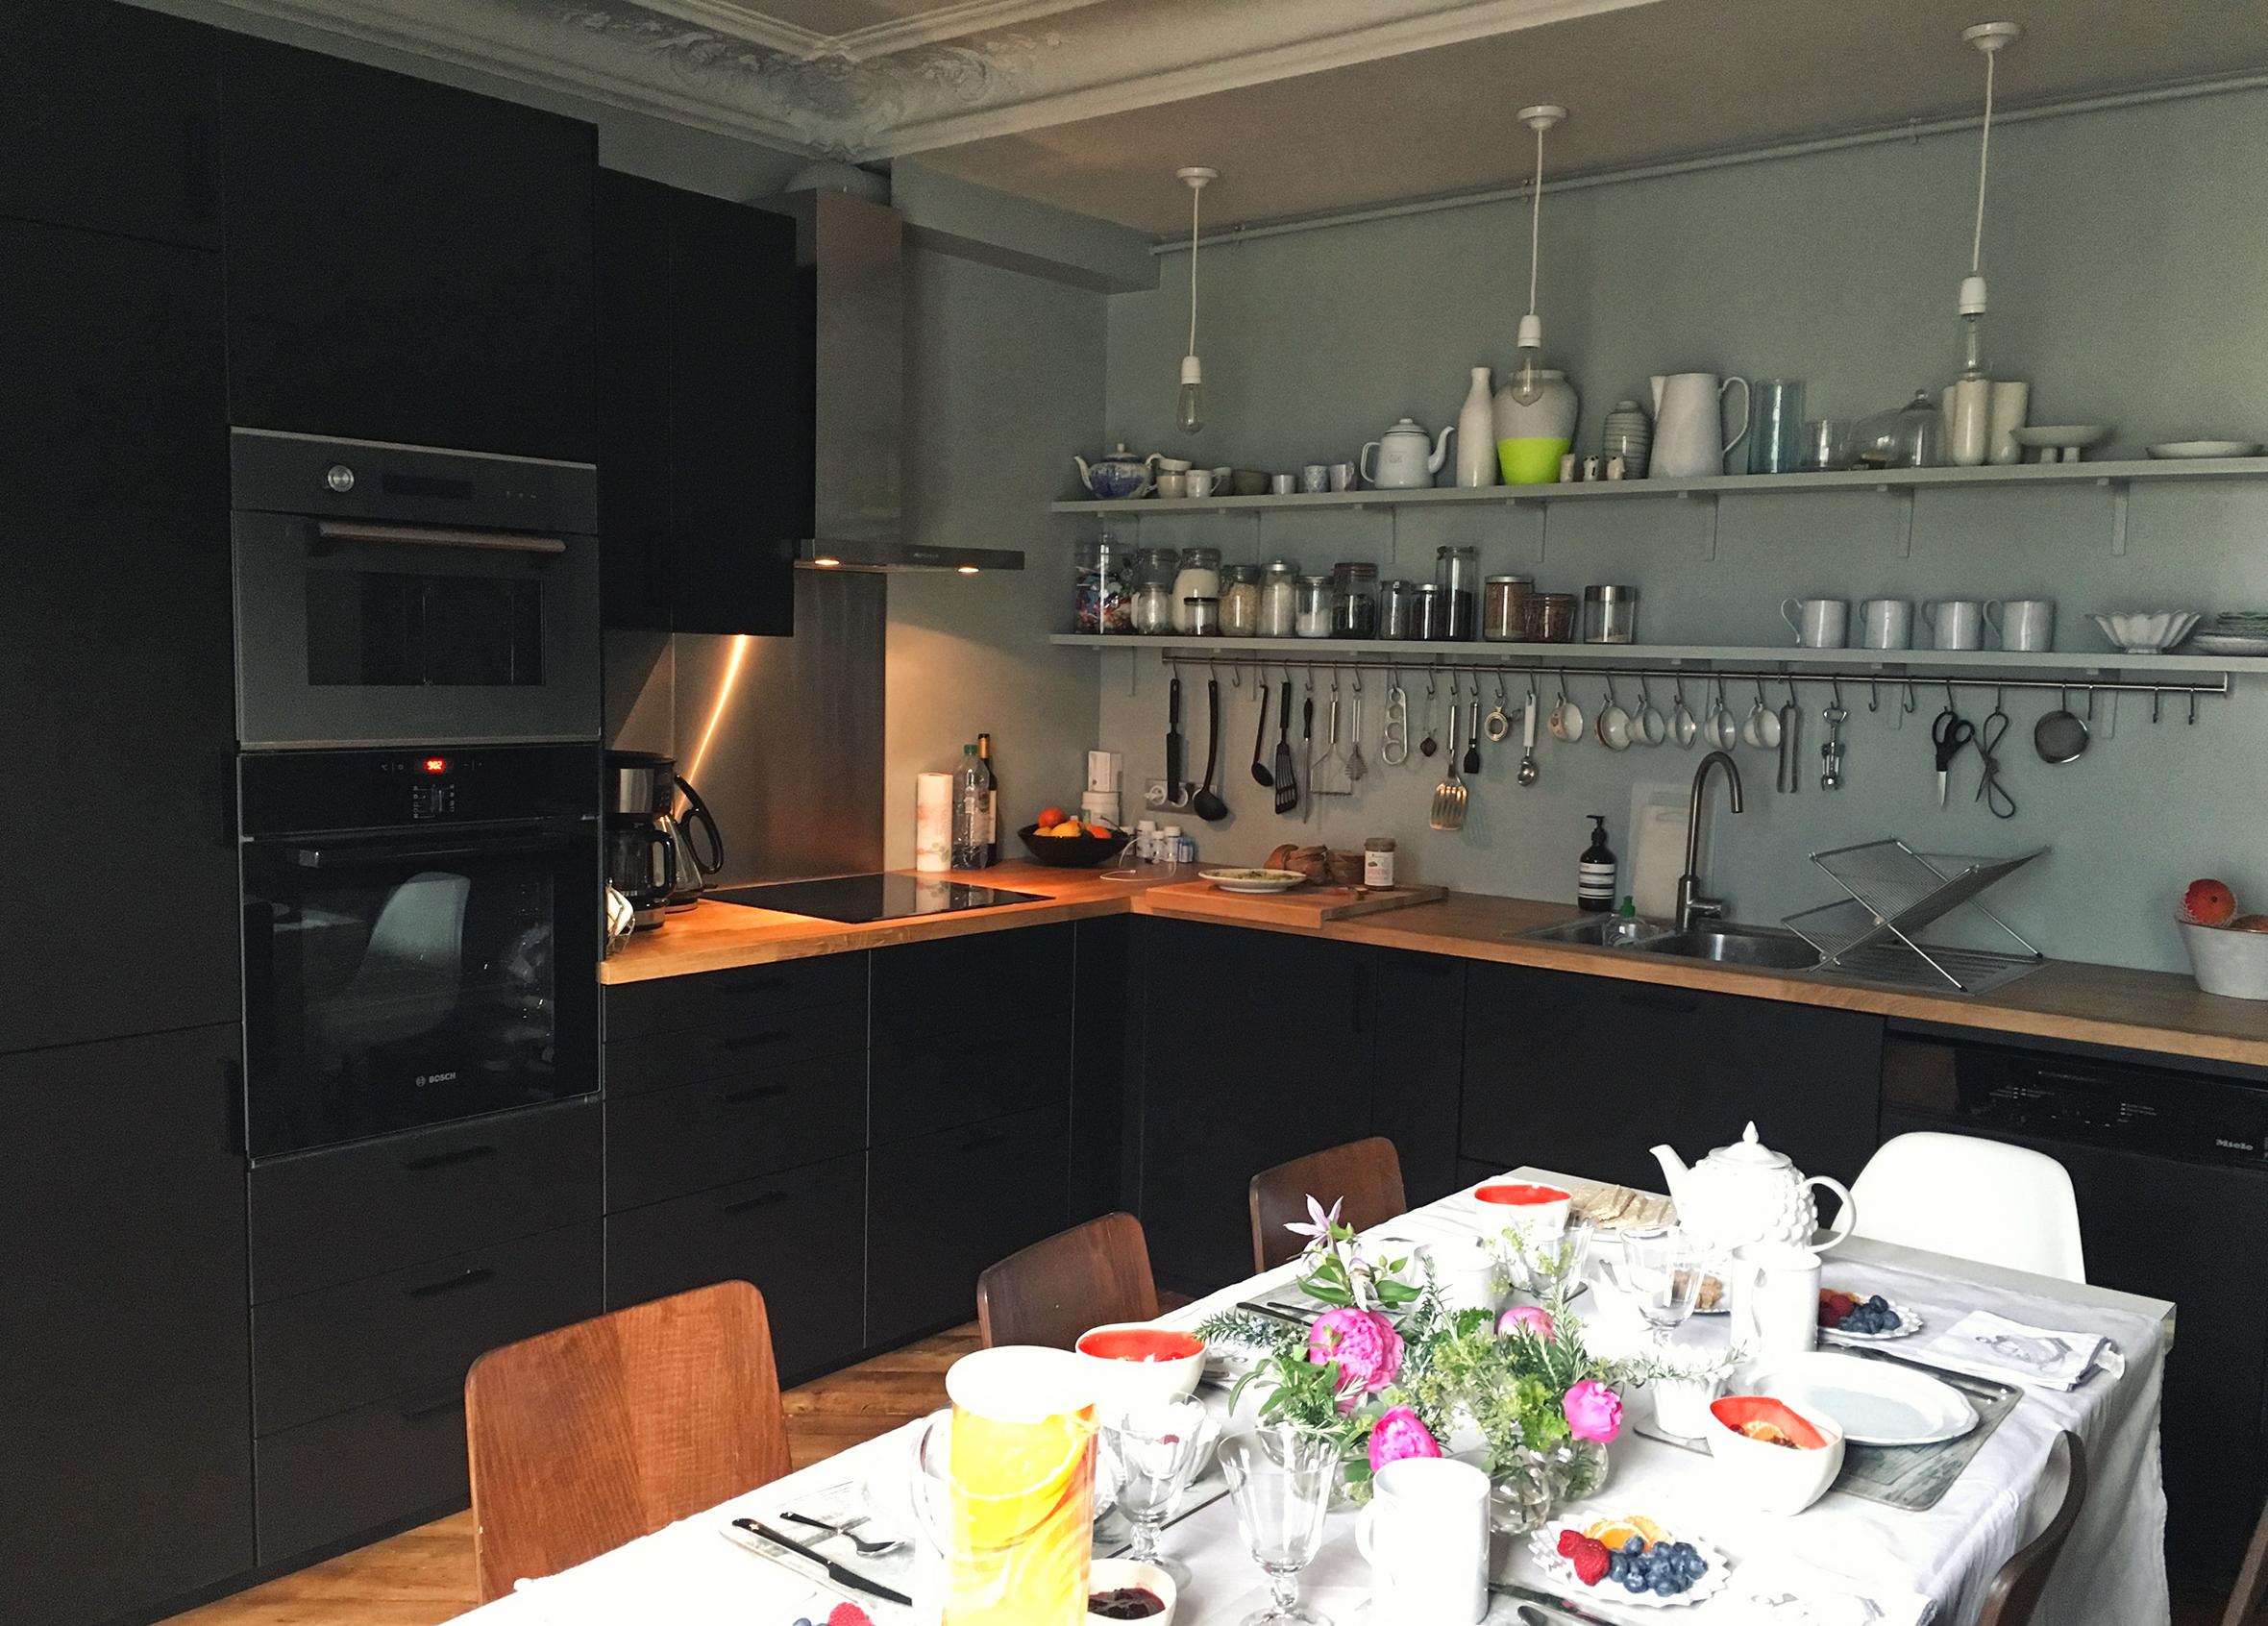 Meuble Sous Plaque Four Ikea comment personnaliser sa cuisine ikea? - lili barbery